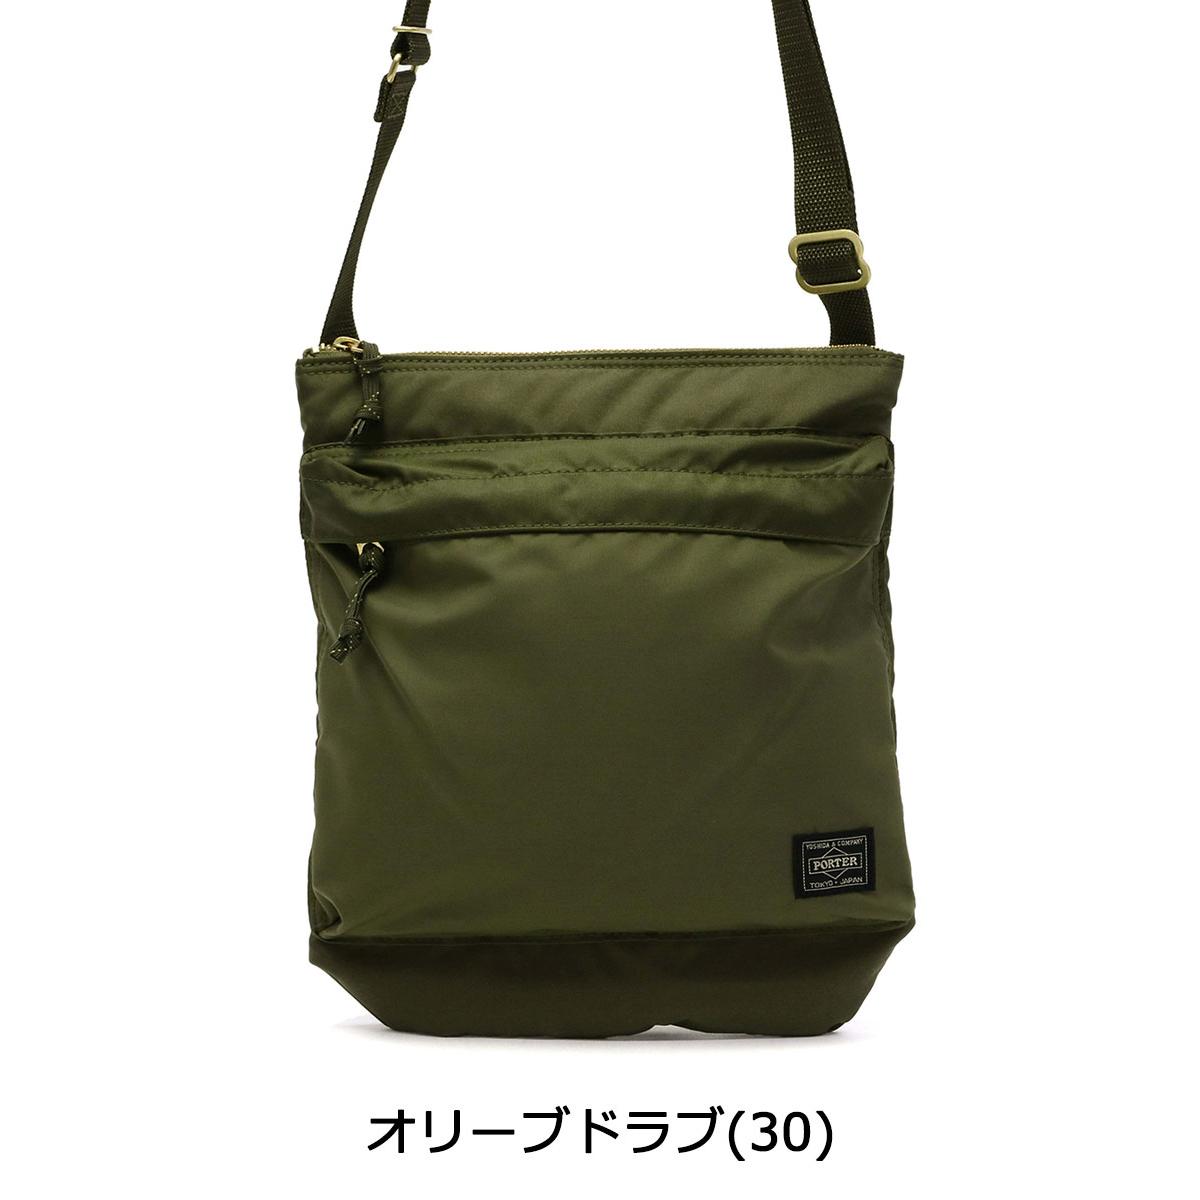 93e28098fad68 Yoshida Bag Porter Shoulder Bag Force PORTER FORCE SHOULDER BAG Slightly  Made Military Bag Men's Women's 855-05901